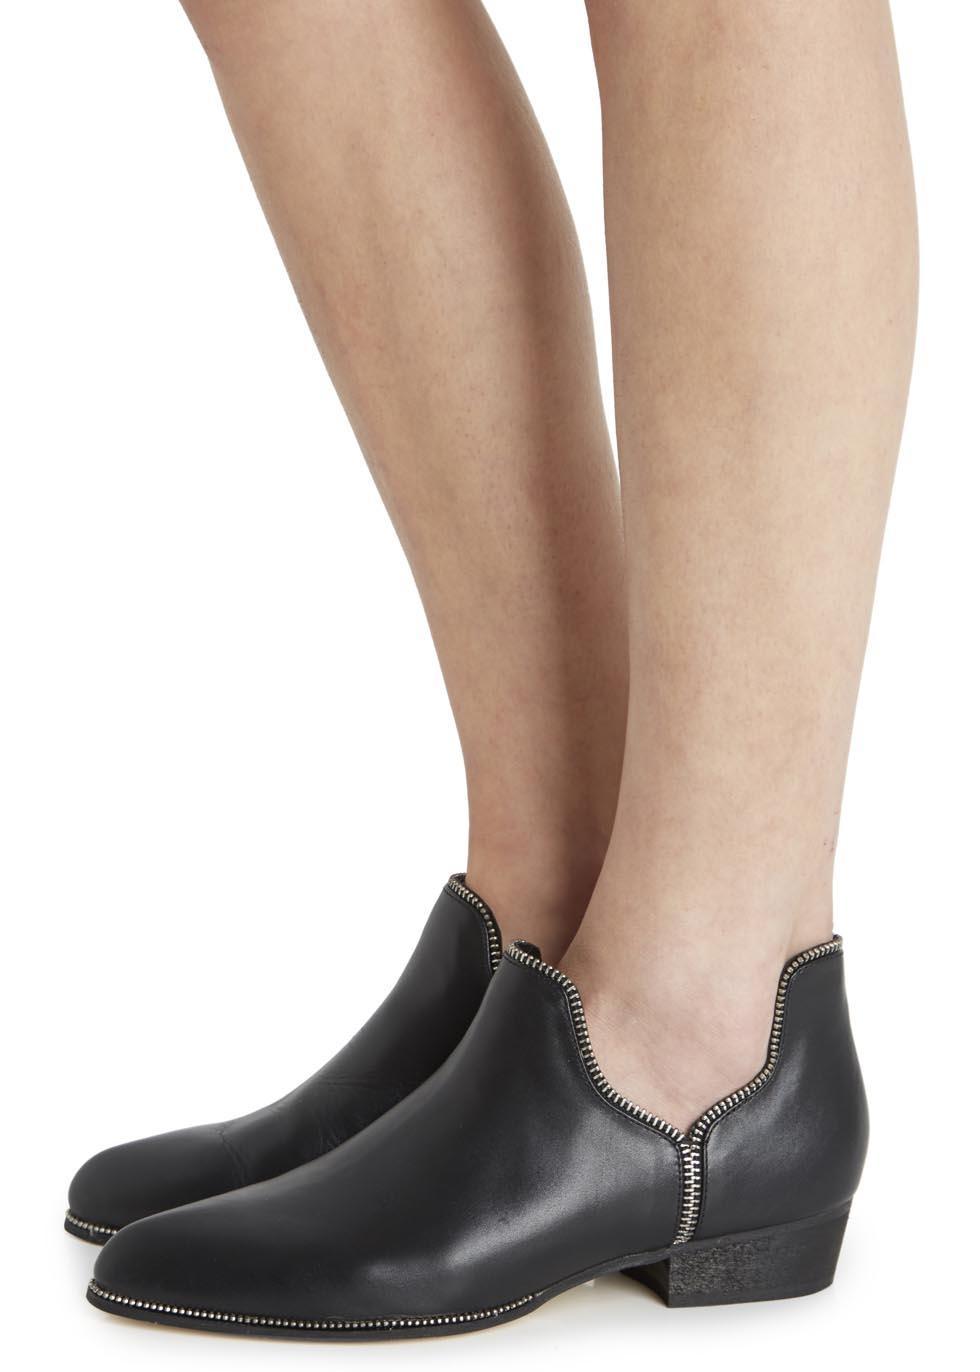 buy online 2613a 660ee senso-black-blake-v-black-ankle-boots-product-1-22297857-1-004822807-normal.jpeg